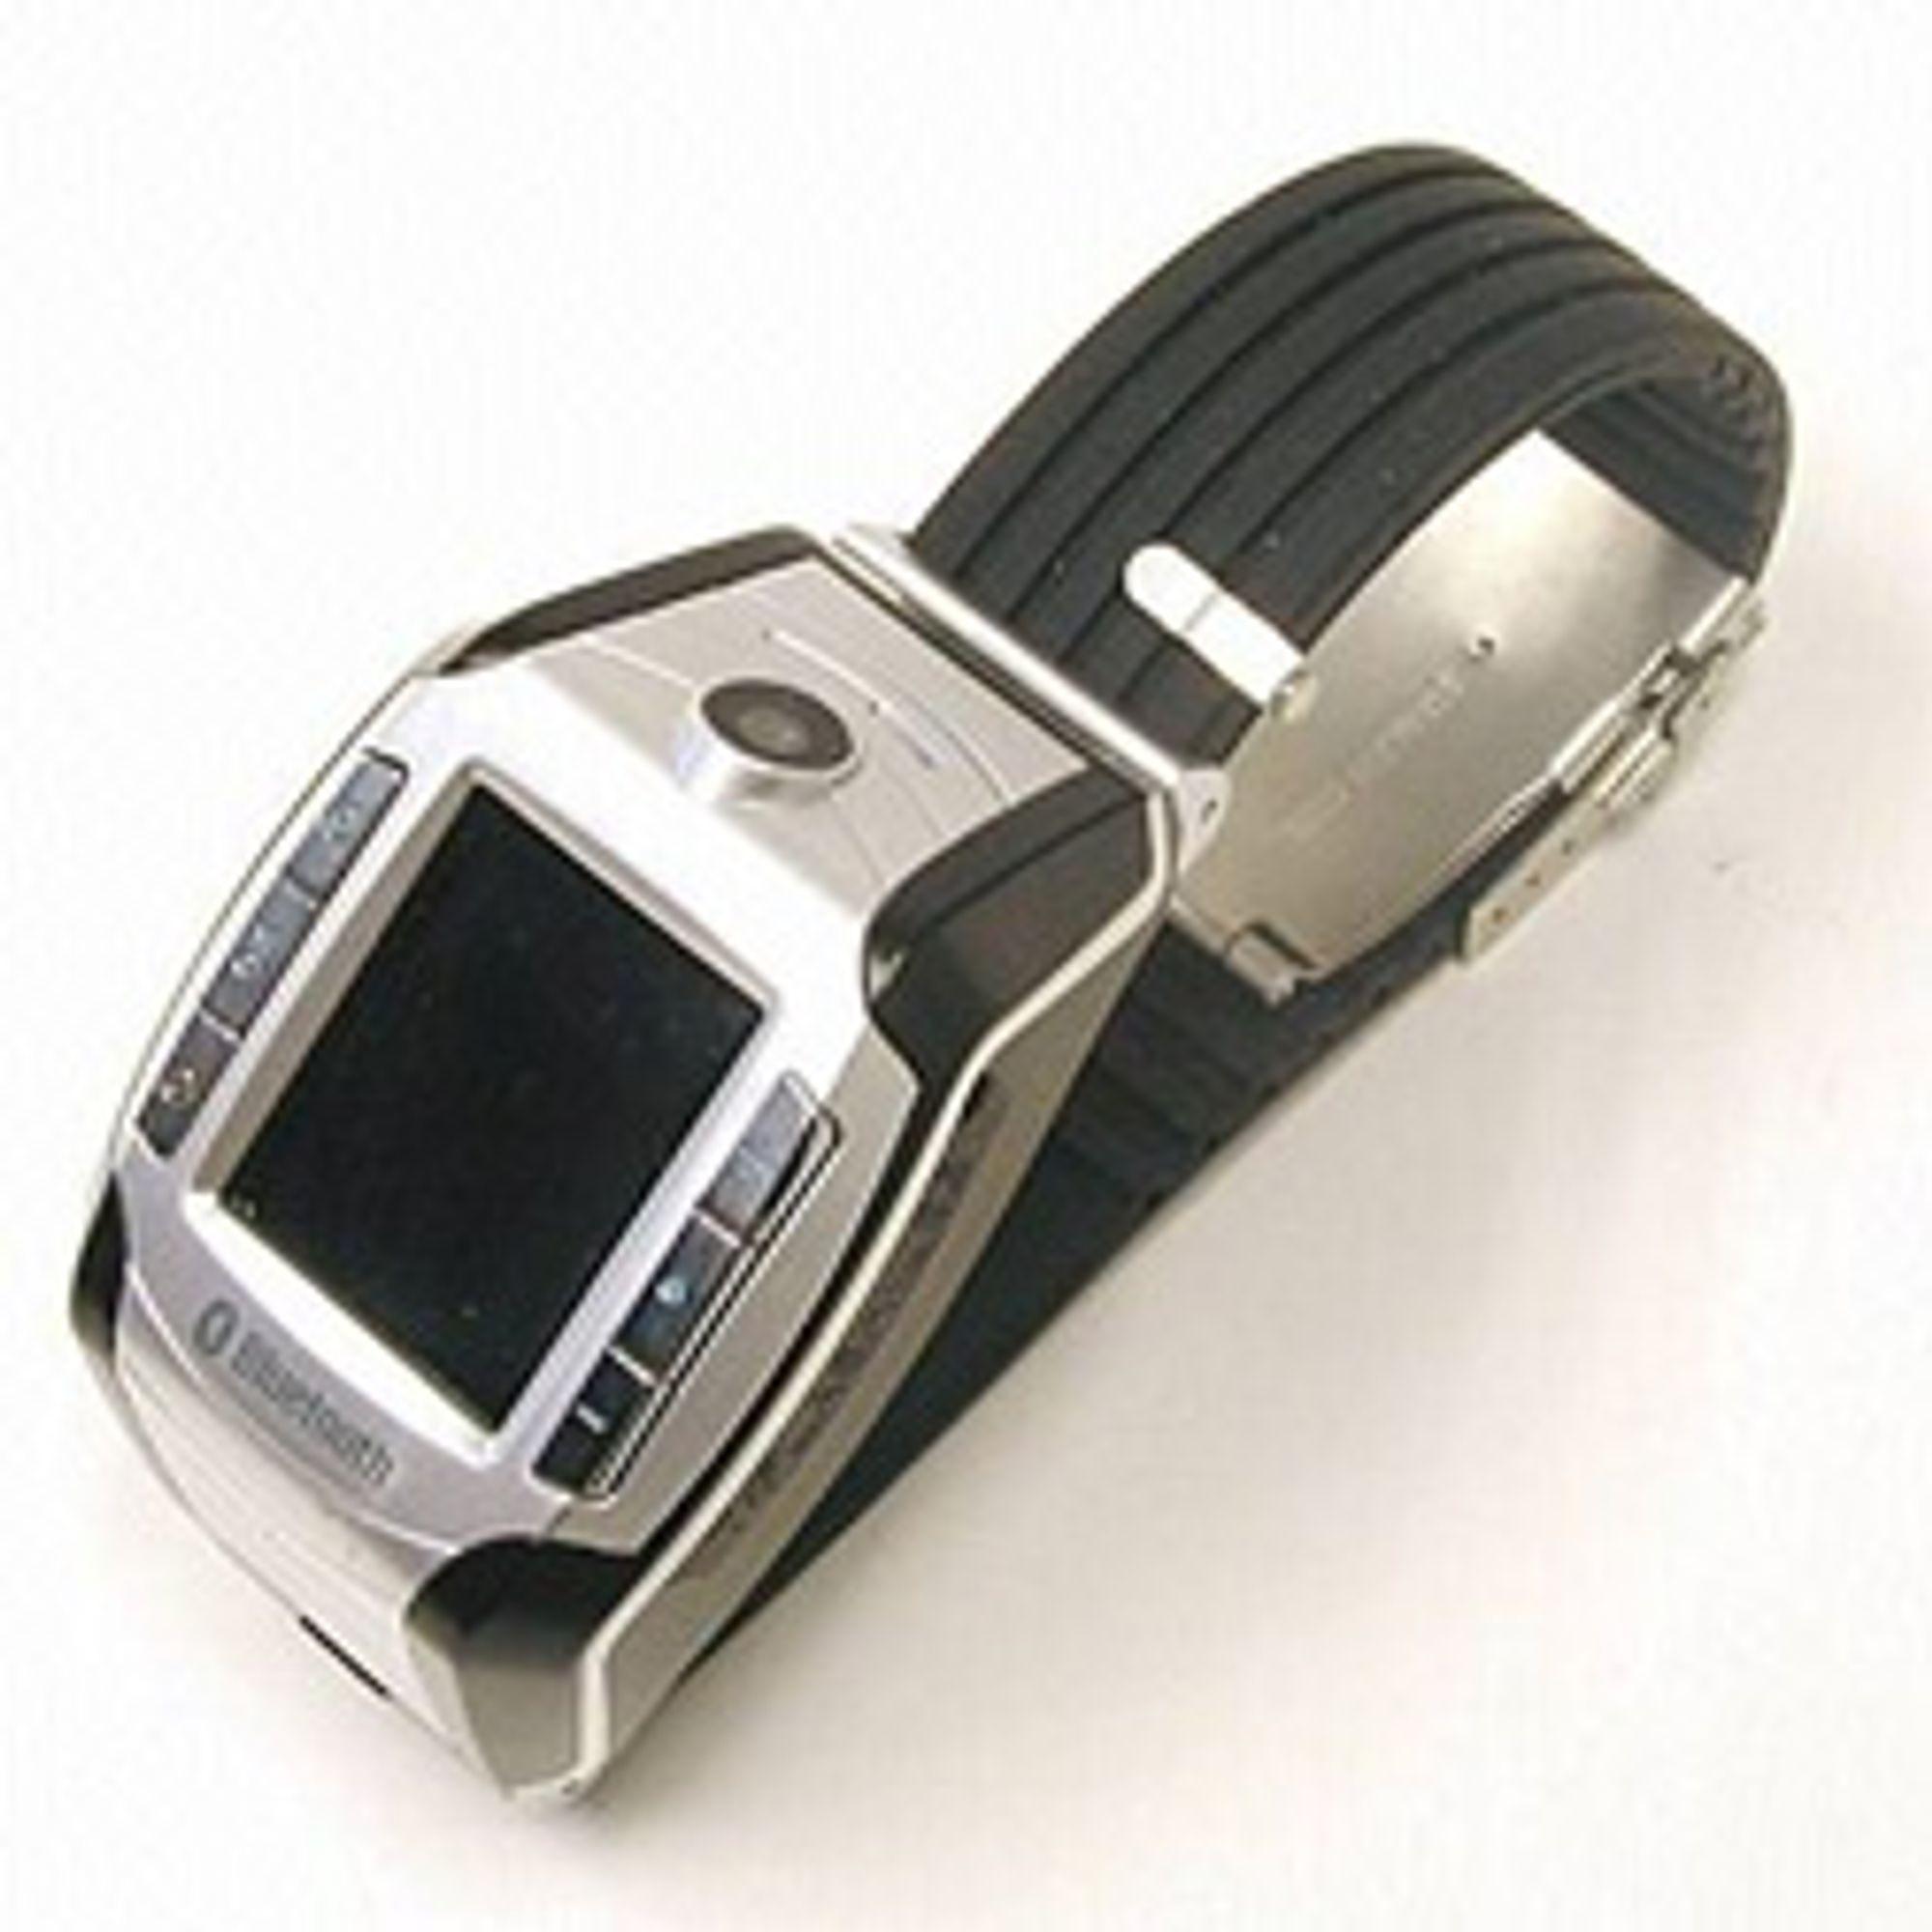 Behøver du kamera på mobilklokka, eller mobilklokke i det hele tatt? (Foto: Global Sources Direct)